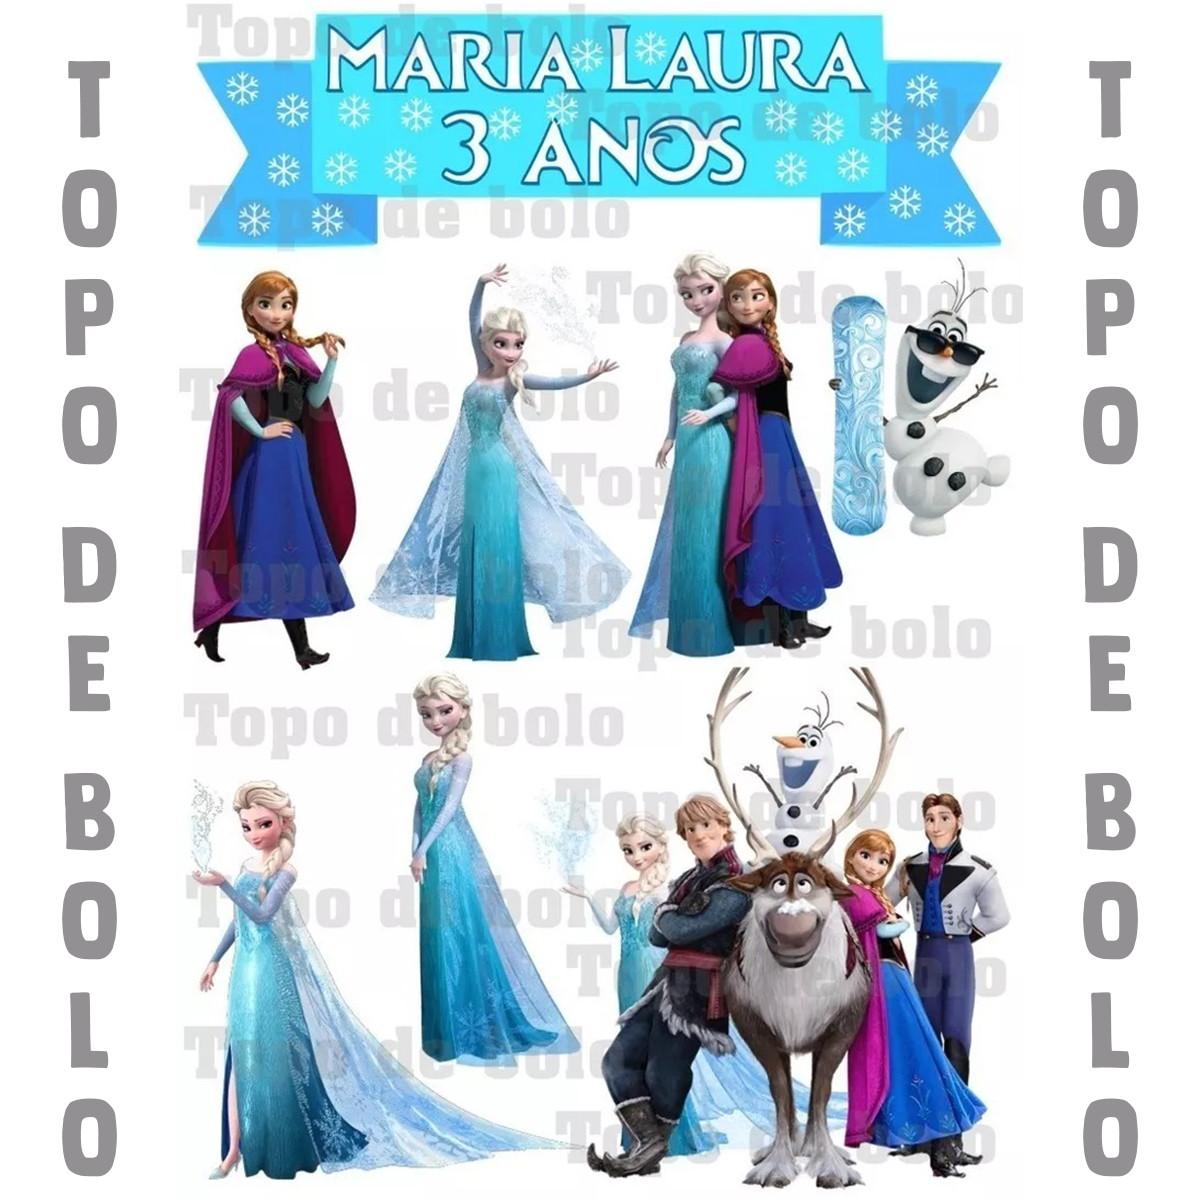 Topo De Bolo Digital Frozen Para Imprimir No Elo7 Meu Niver